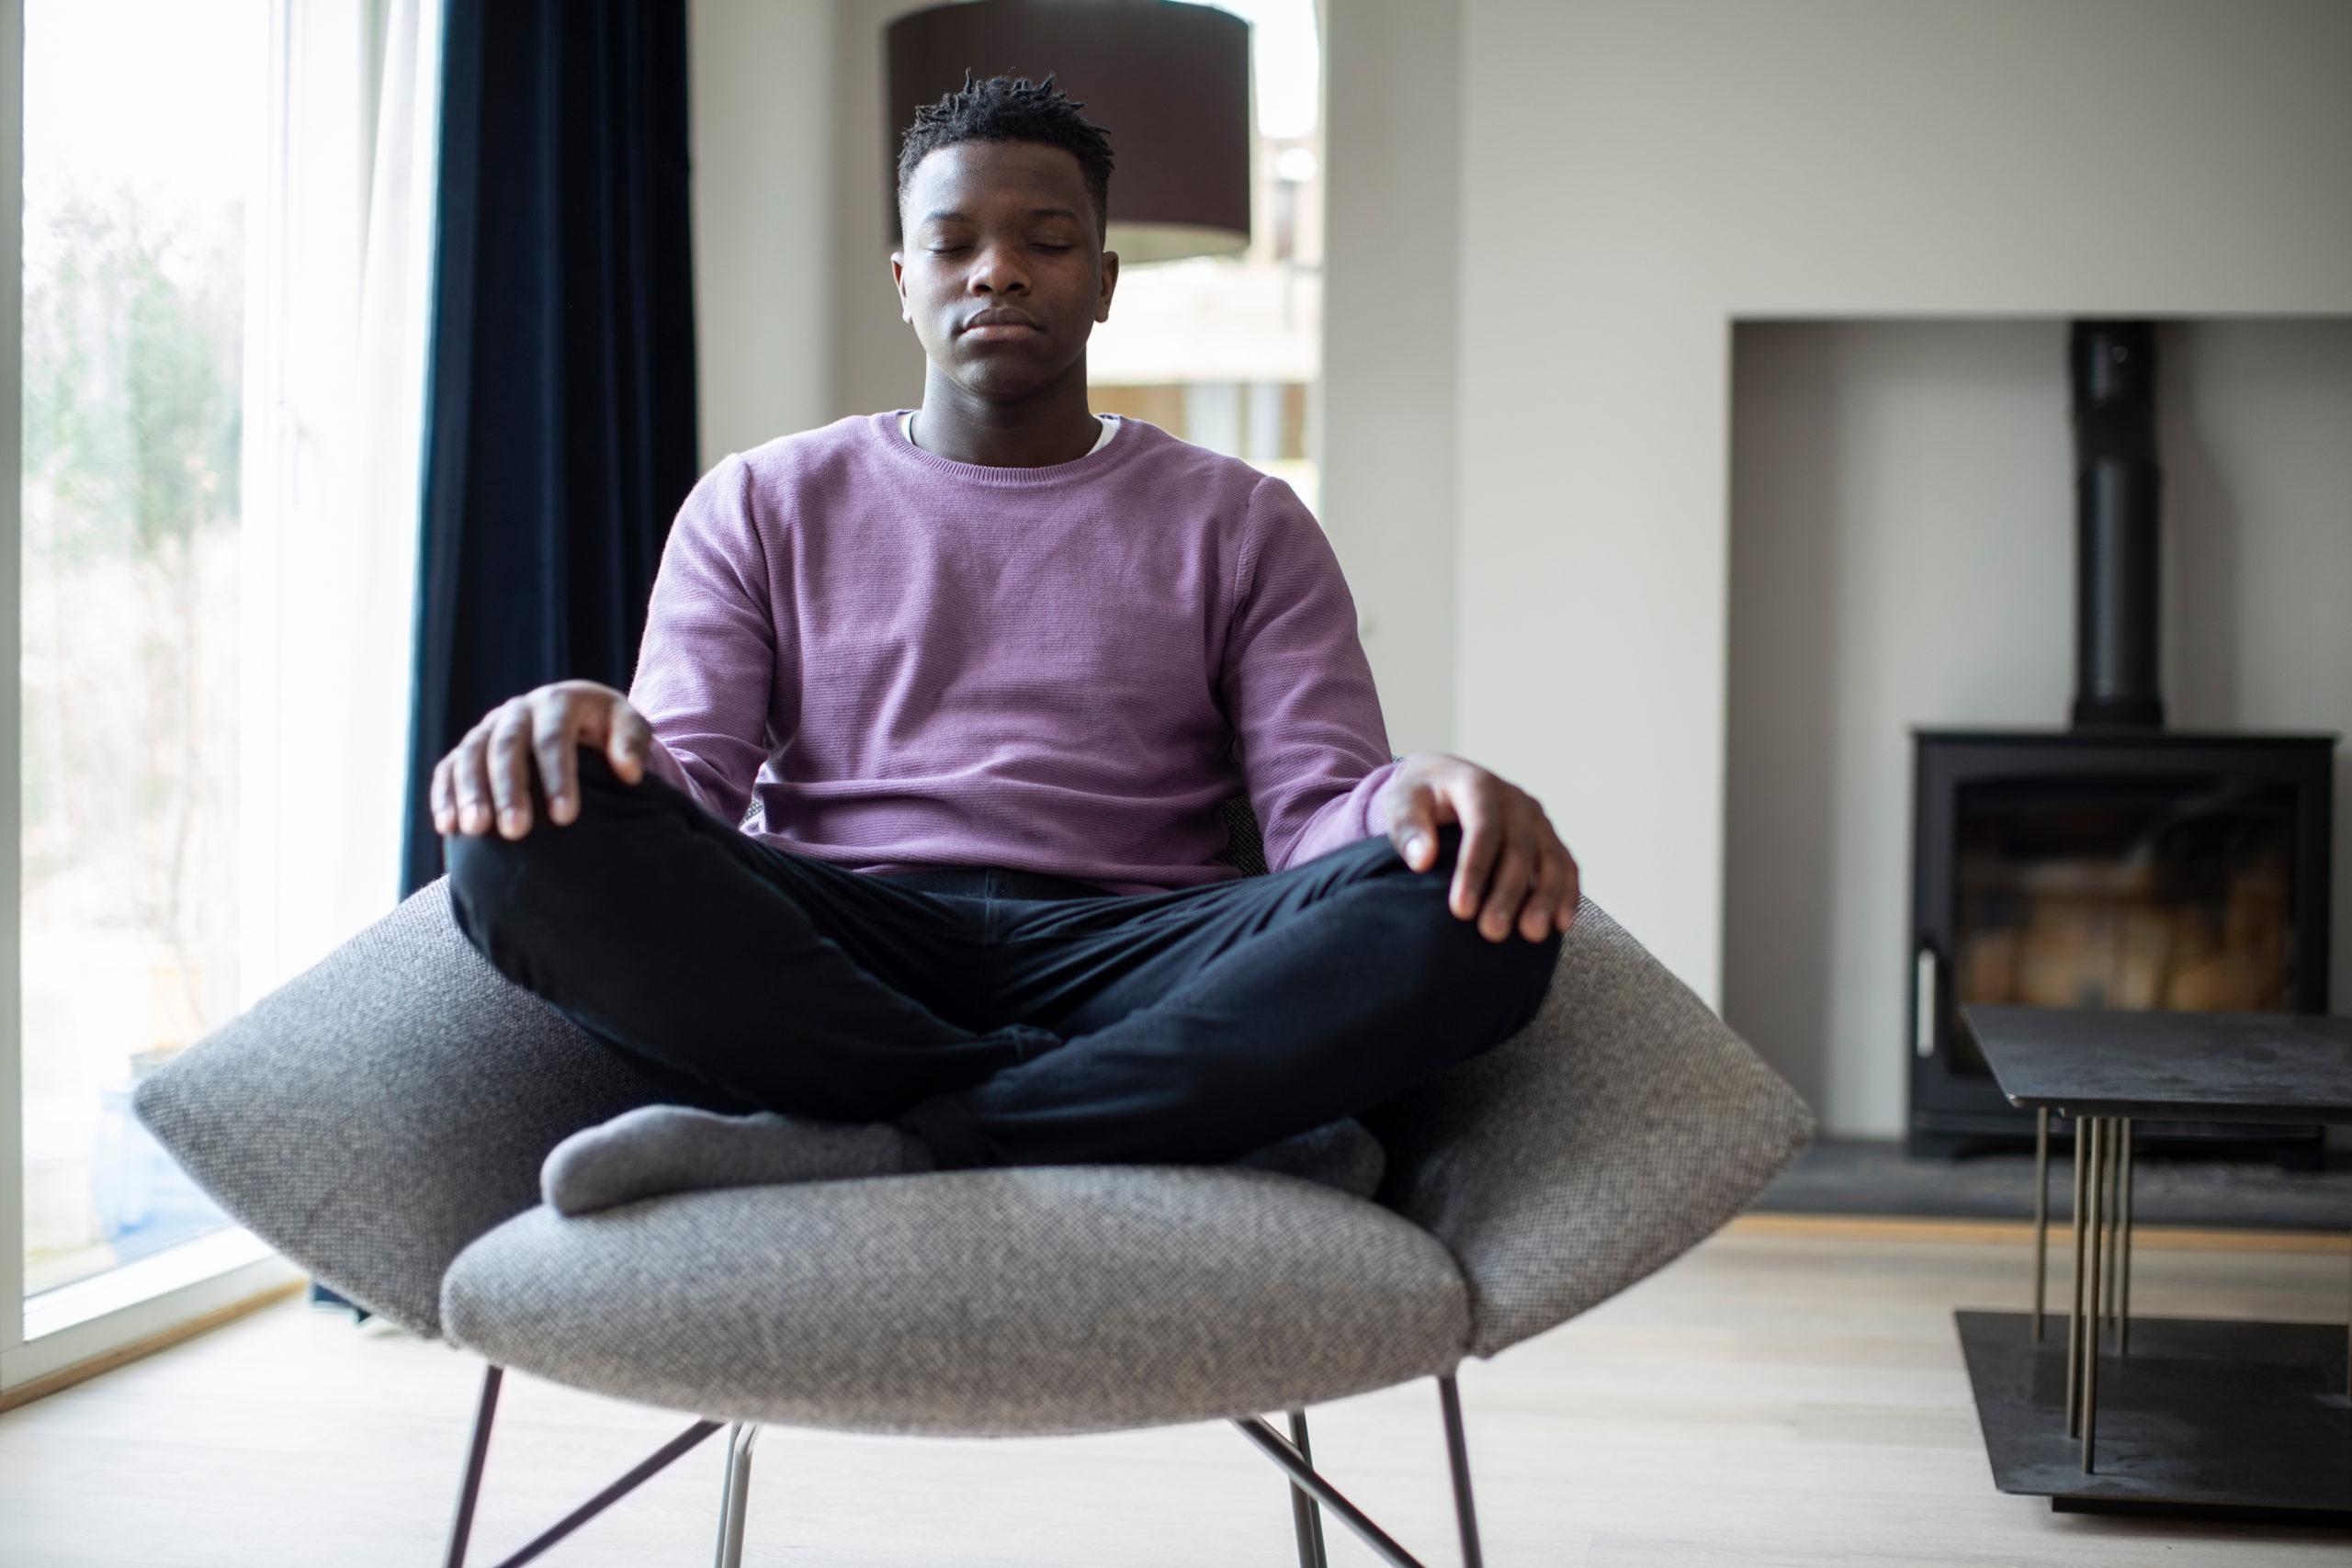 Meditation: Ein junger Mann sitzt im auf einem Sessel im Wohnzimmer und meditiert